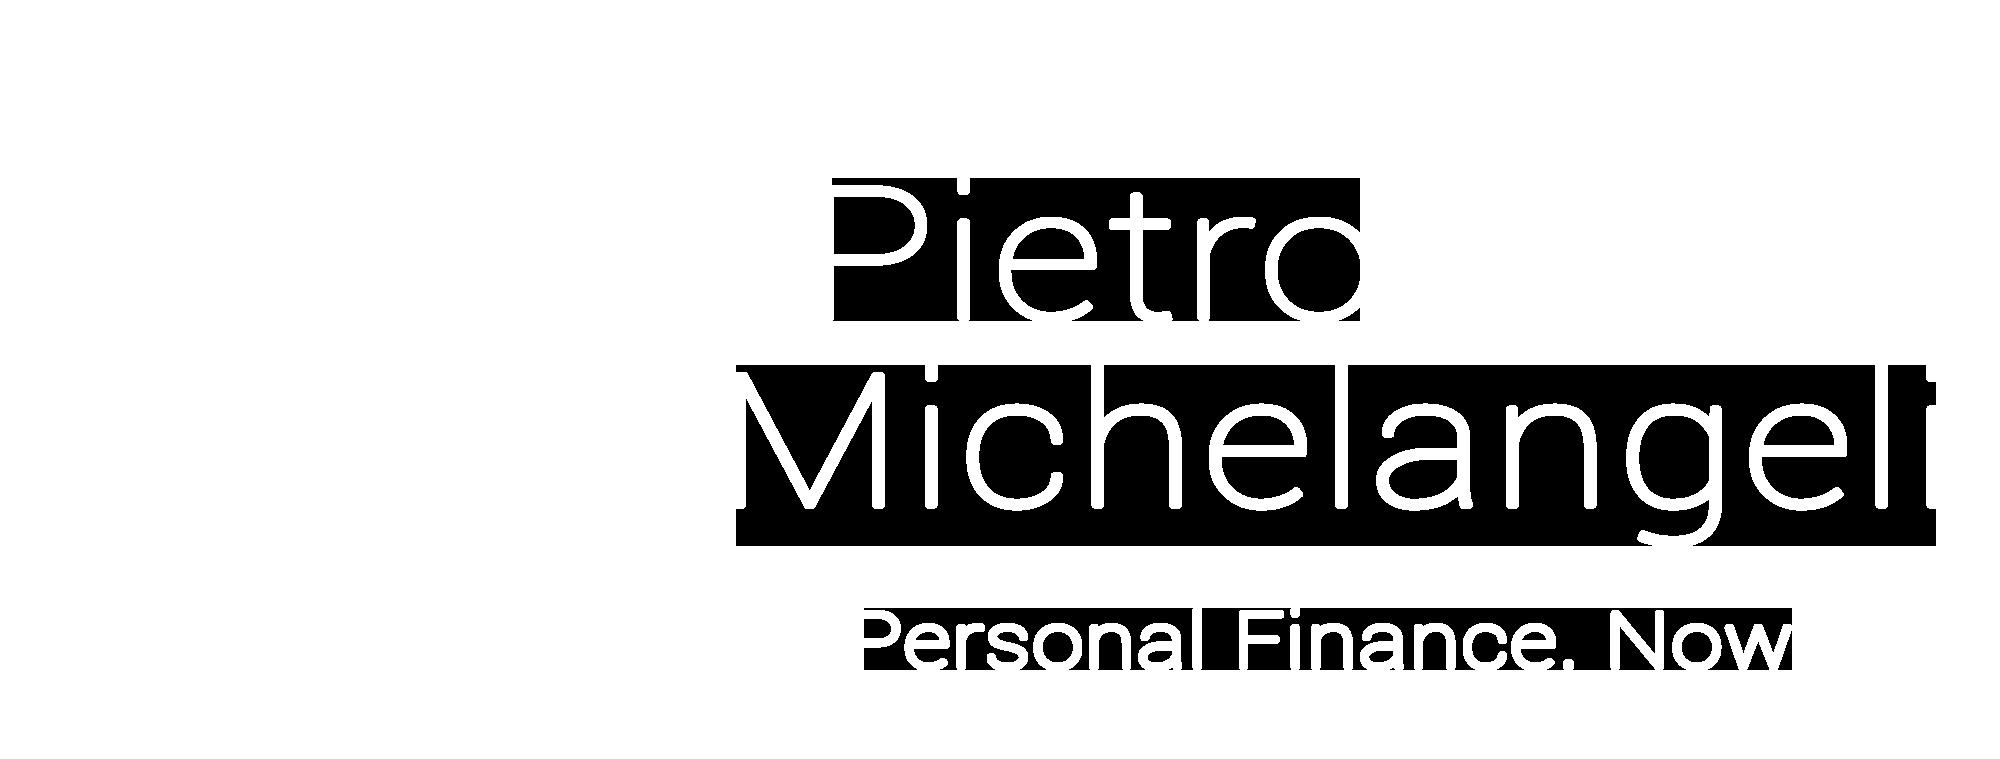 Pietro Michelangeli